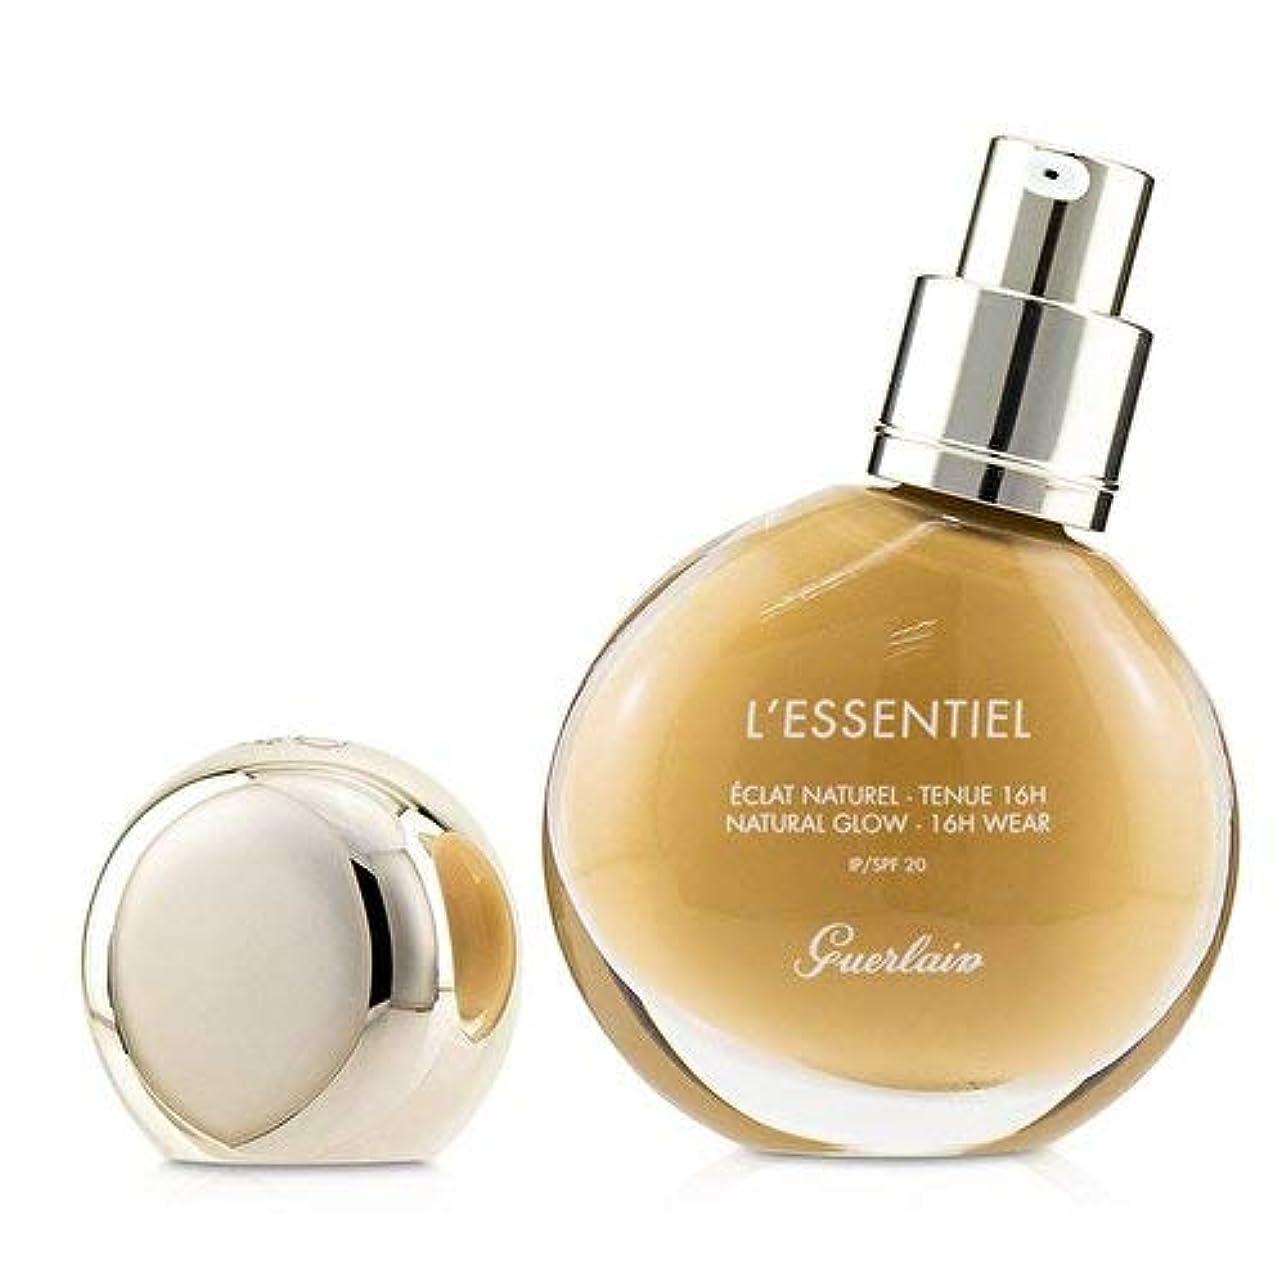 防衛むしろ恐れるゲラン L'Essentiel Natural Glow Foundation 16H Wear SPF 20 - # 045W Amber Warm 30ml/1oz並行輸入品